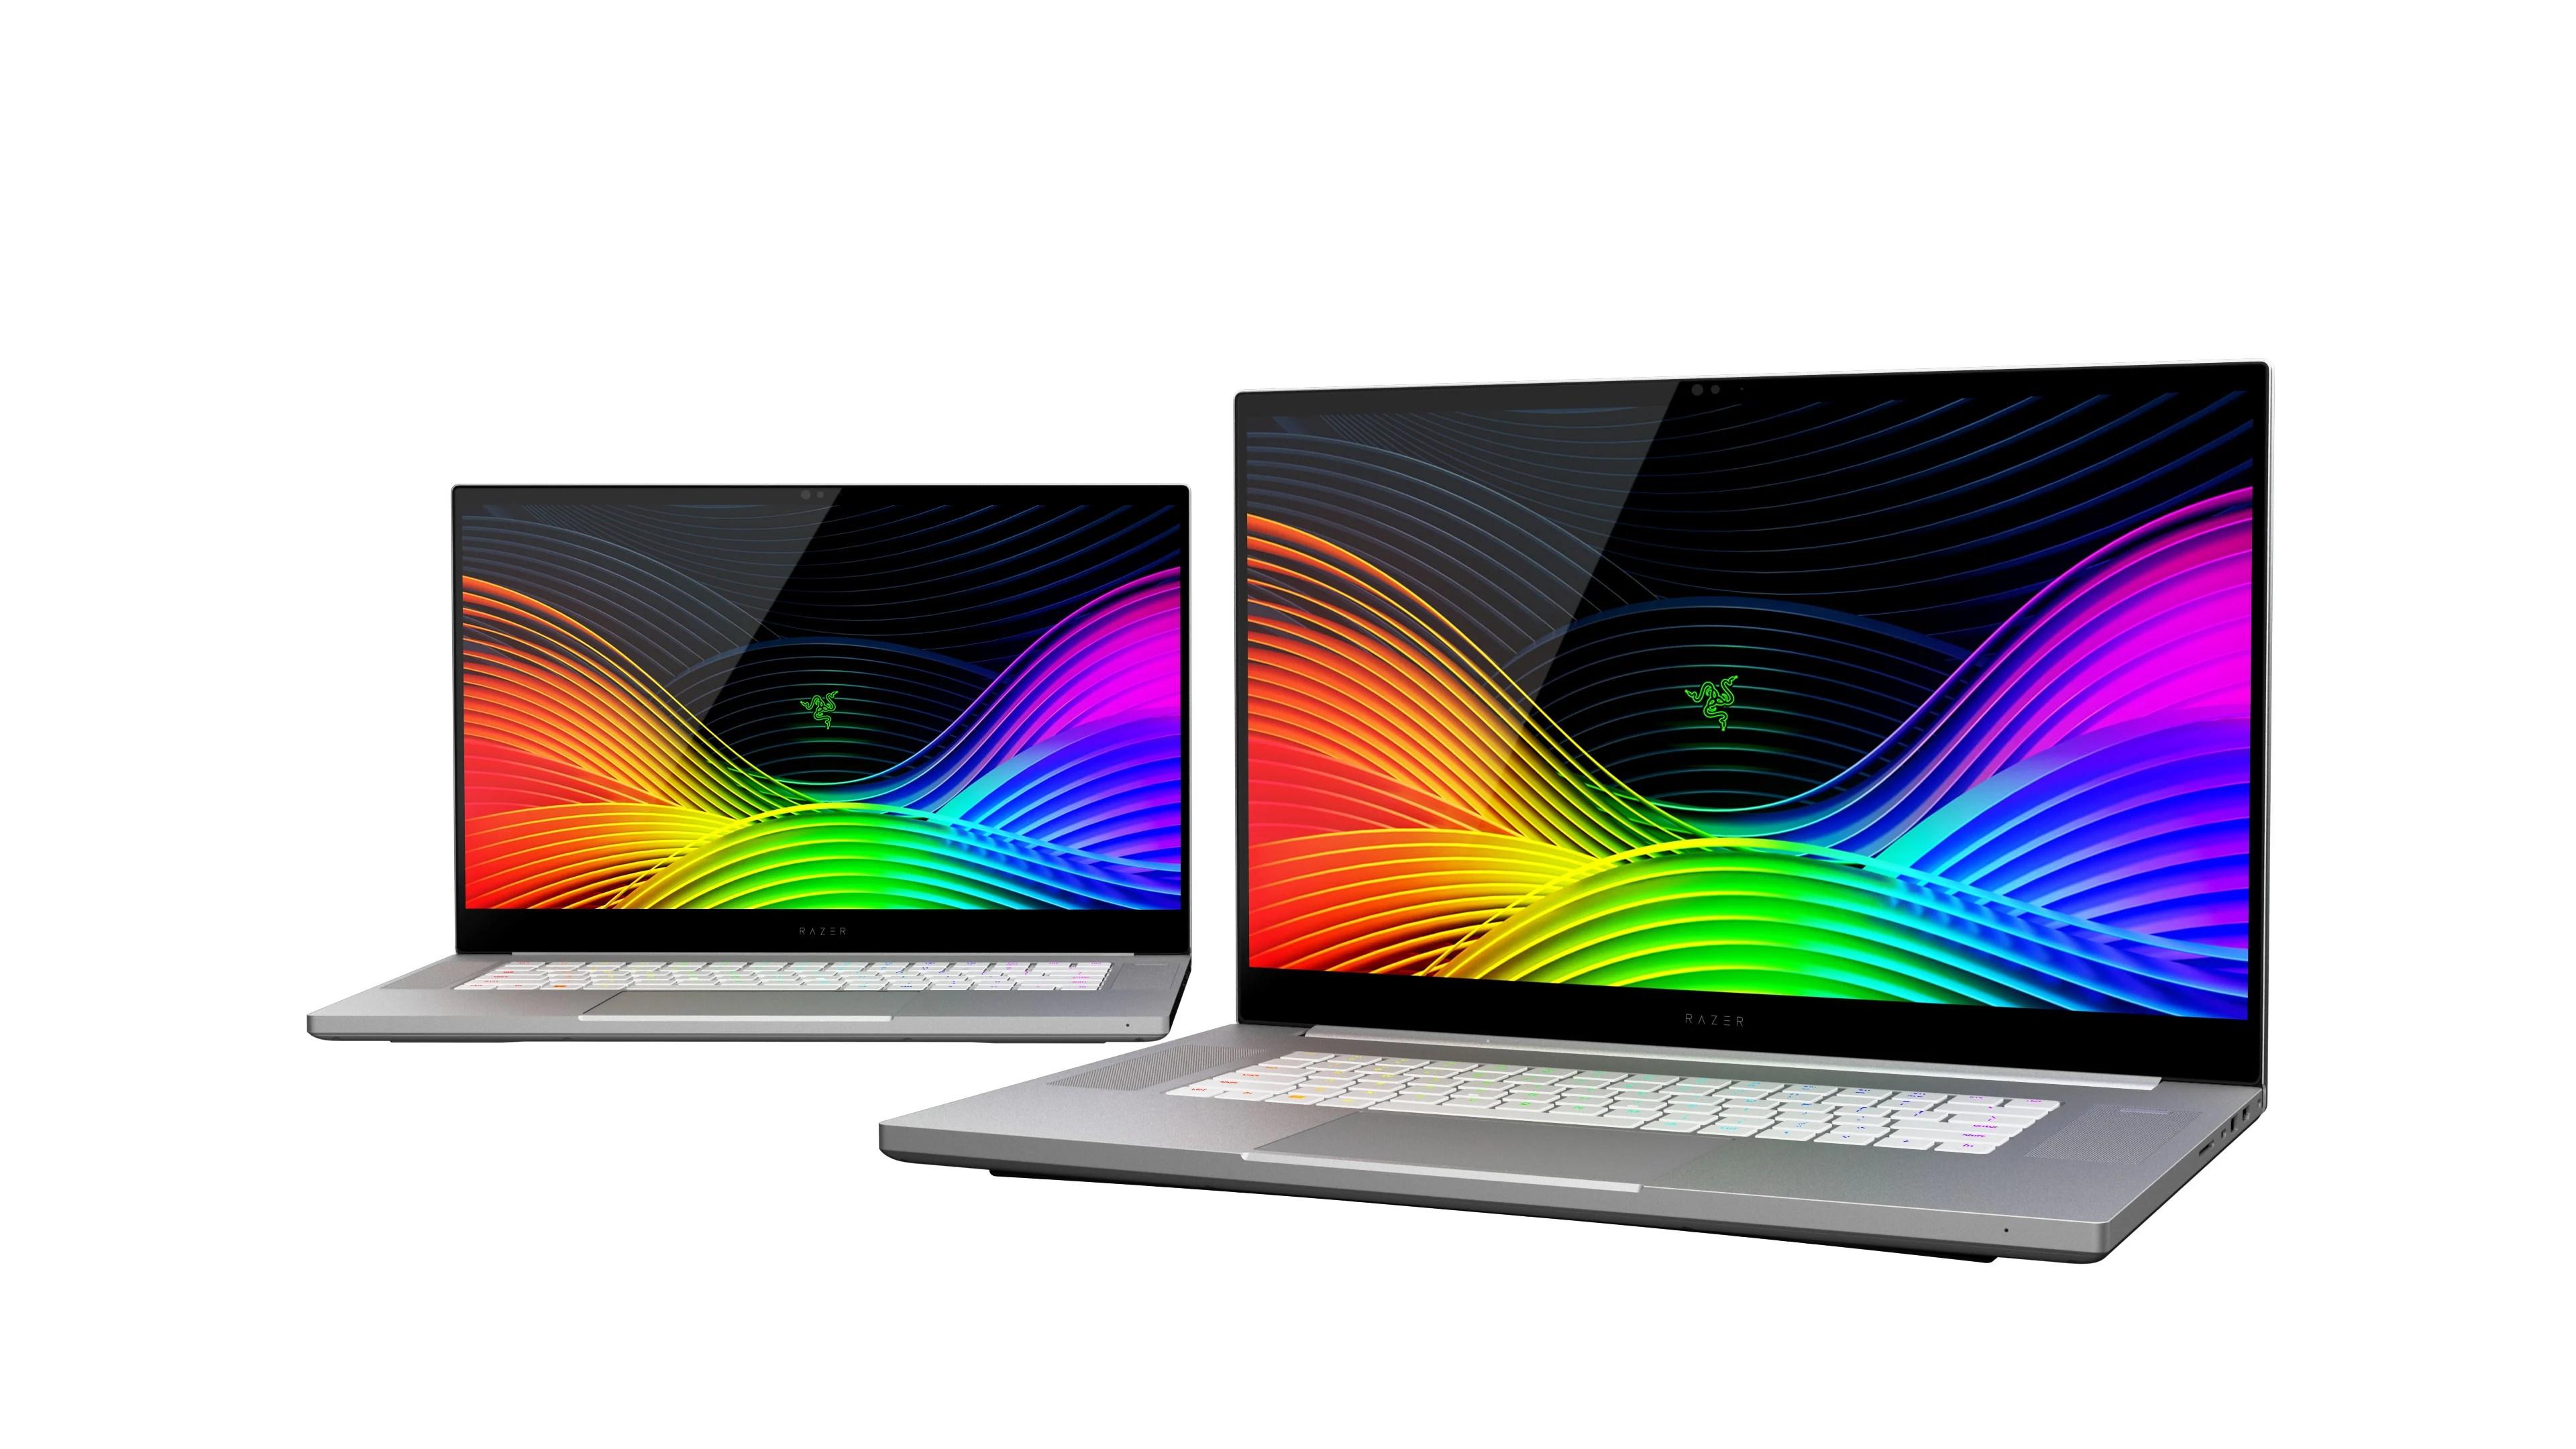 GPU Nvidia Quadro RTX, écran OLED 4K HDR : ce que les PC portables ont, ce que le MacBook Pro n'a pas